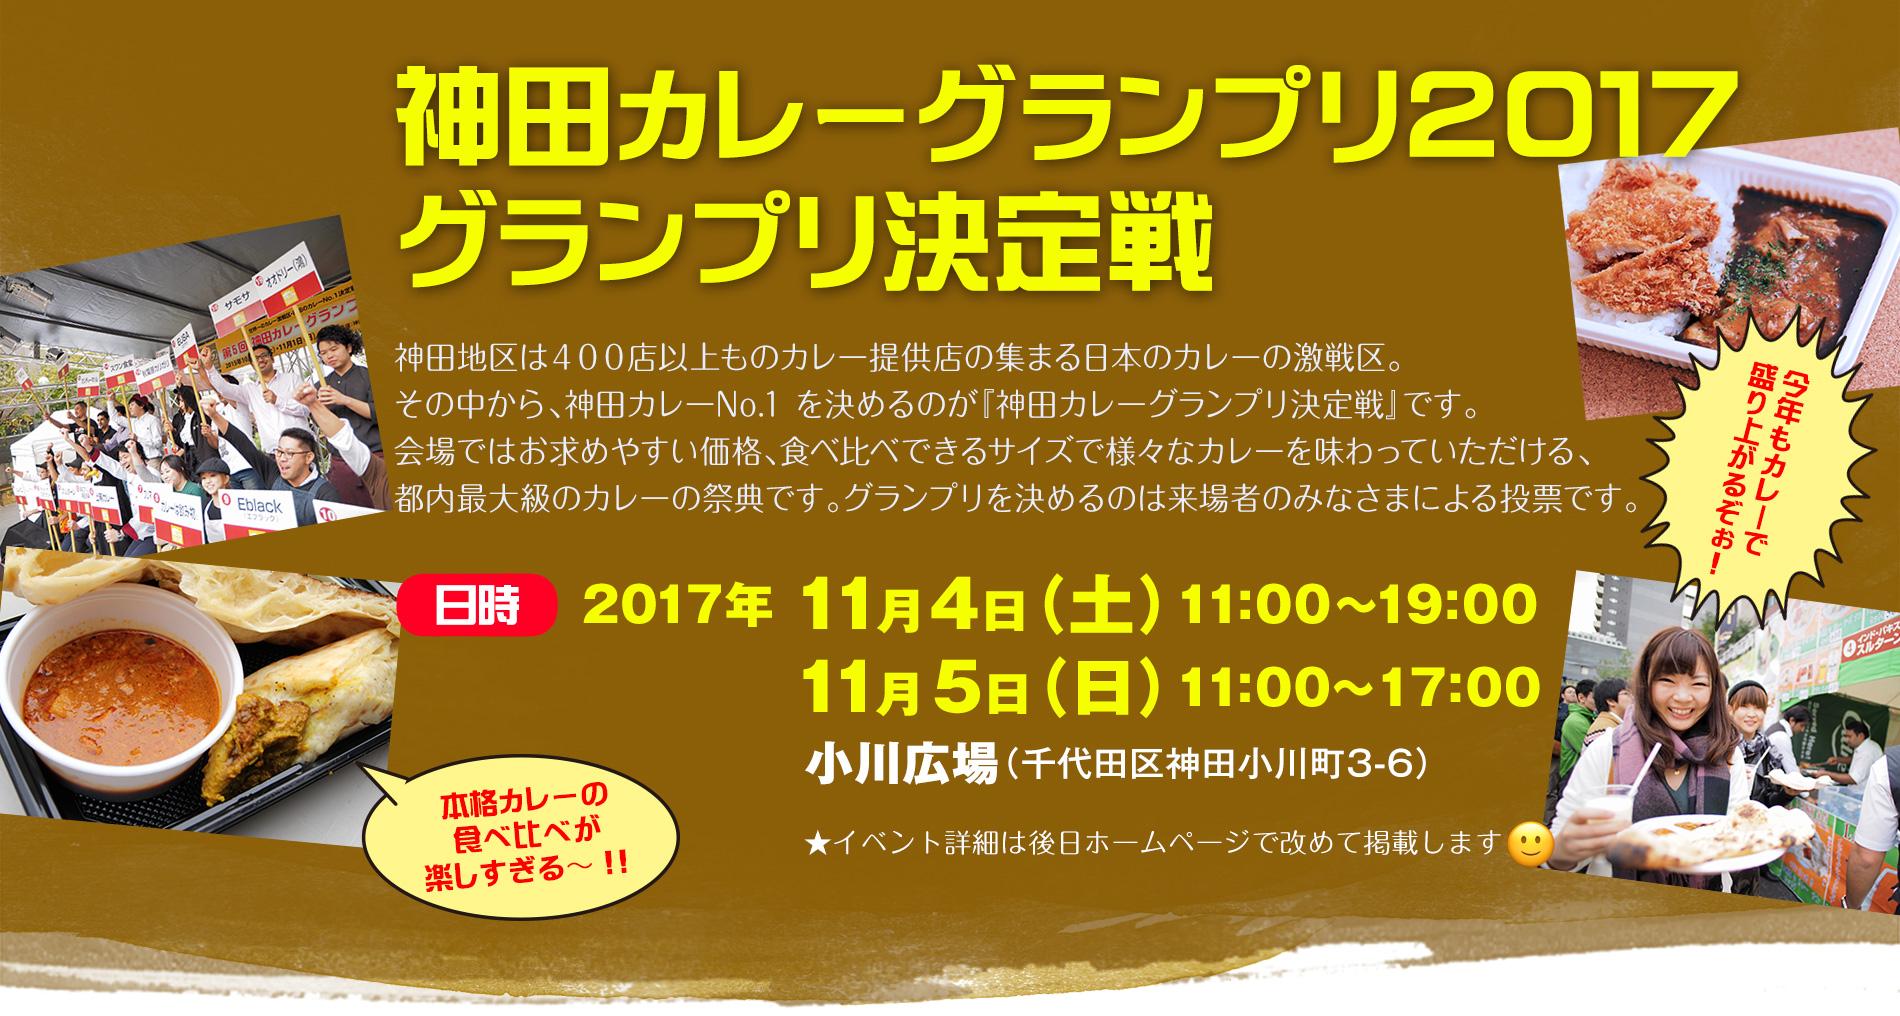 第7回 神田カレーグランプリ2017「グランプリ決定戦」11月4日(土)〜11月5日(日) #神田カレーグランプリ #カレー @ 小川広場 | 千代田区 | 東京都 | 日本